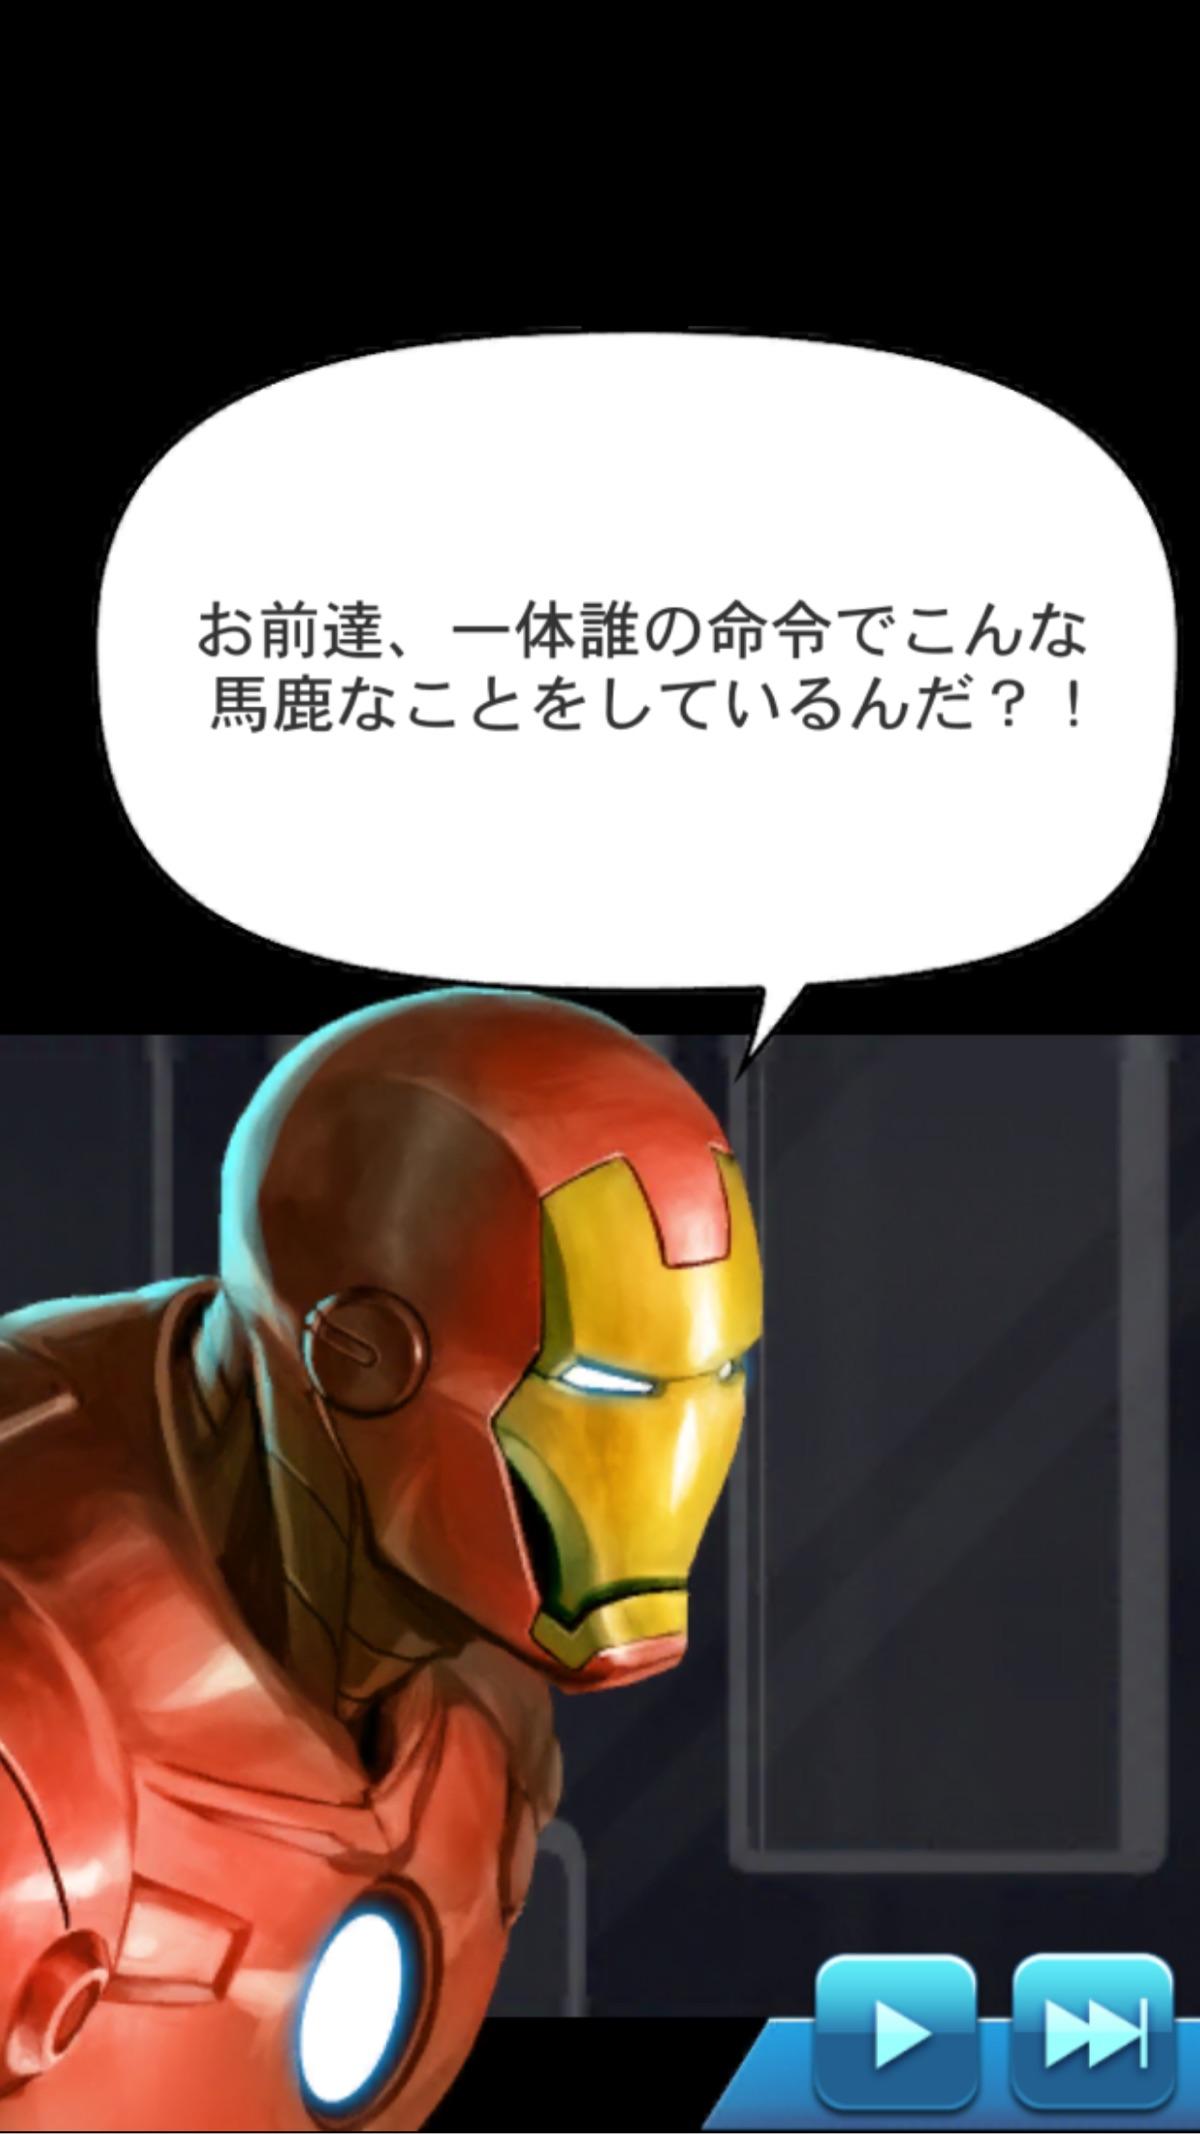 マーベル・パズルクエスト